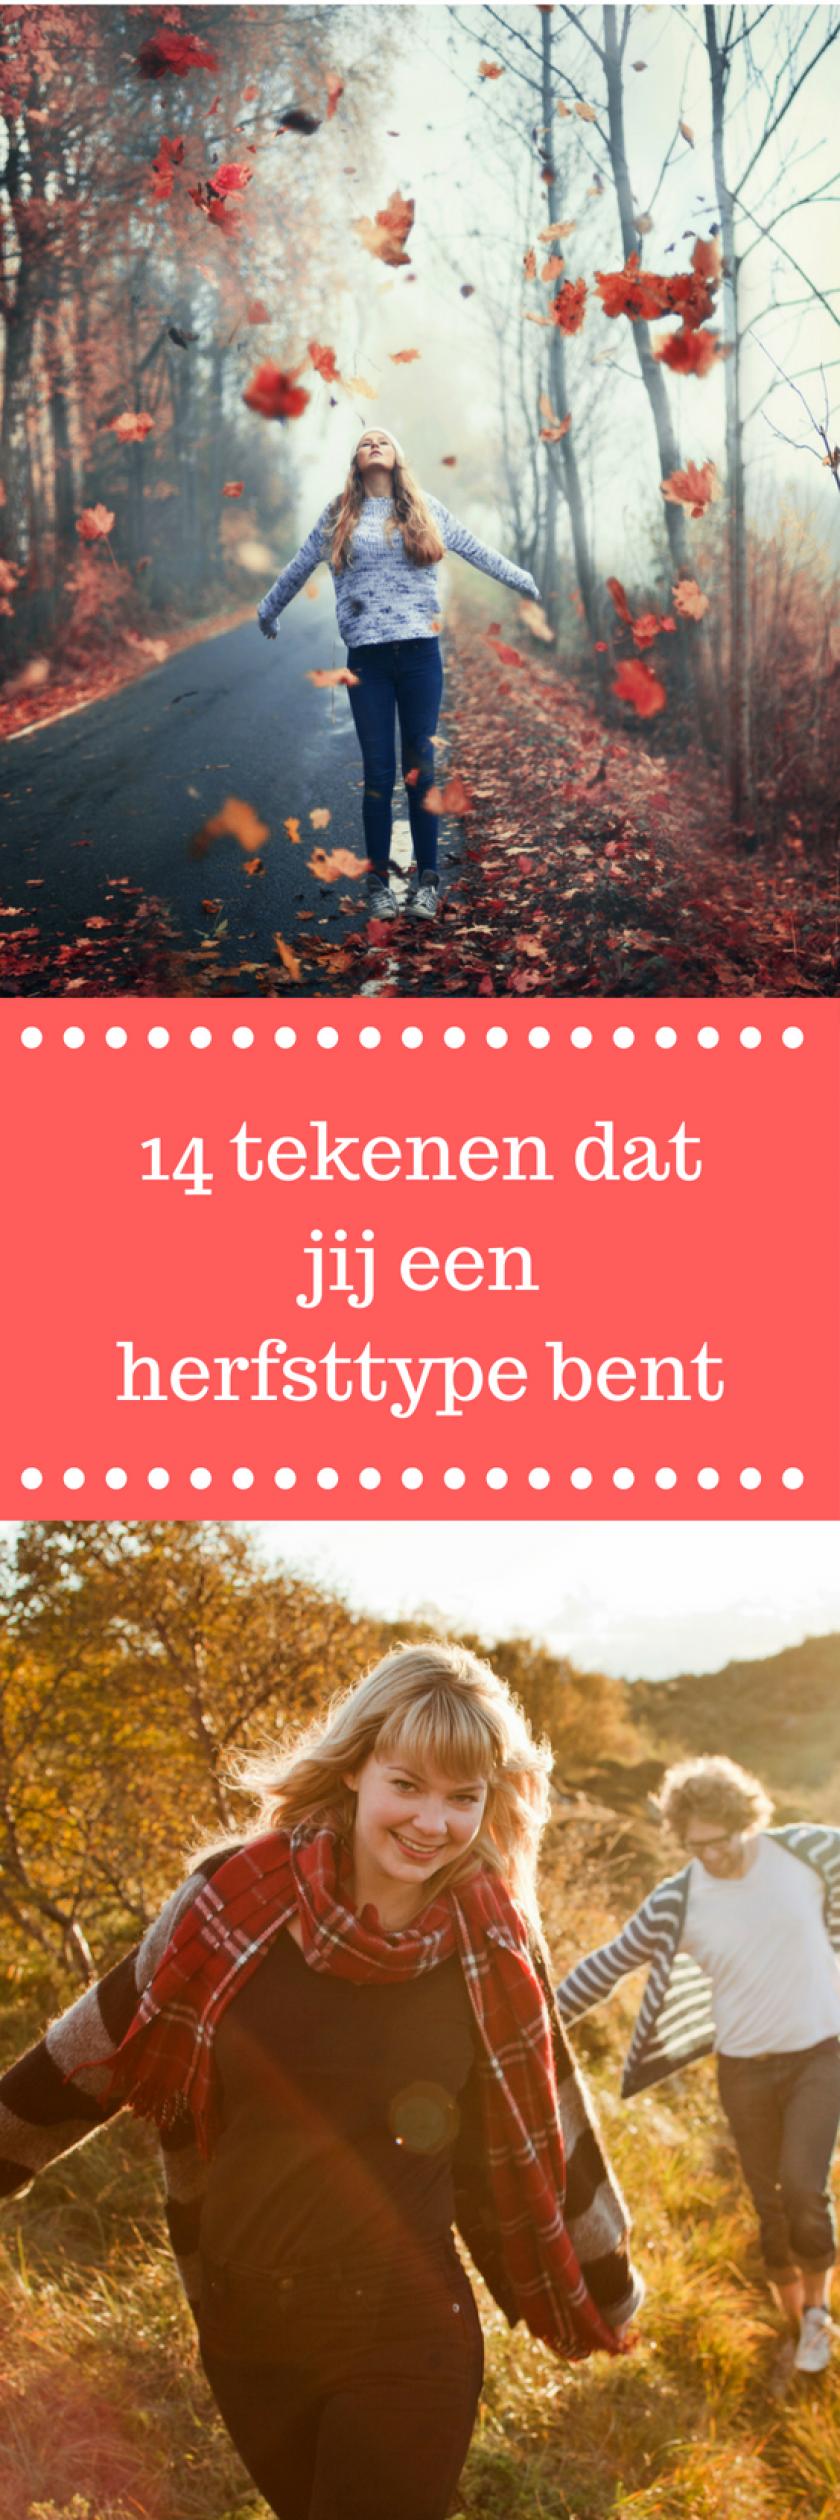 14 tekenen dat jij een herfsttype bent